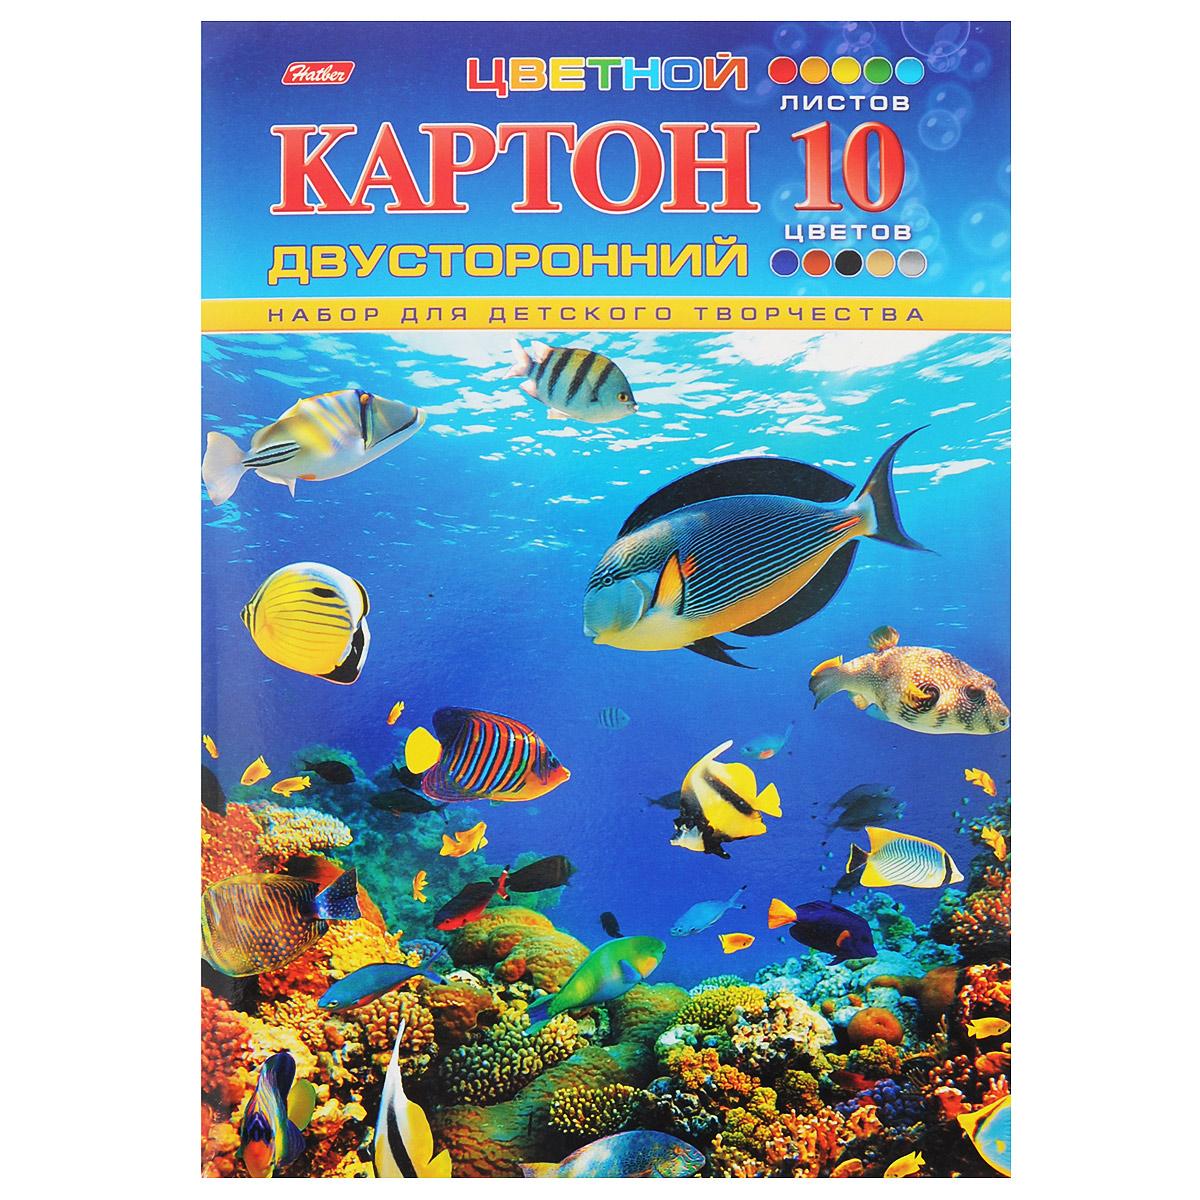 Цветной картон Hatber Подводный мир, двусторонний, 10 цветов10Кц4_04109Двусторонний цветной картон Hatber Подводный мир позволит вашему ребенку создавать всевозможные аппликации и поделки. Набор состоит из десяти листов разноцветного картона с полуглянцевым покрытием формата А4. Картон упакован в оригинальную картонную папку, оформленную изображением необычайно красивого подводного мира.Создание поделок из картона поможет ребенку в развитии творческих способностей, кроме того, это увлекательный досуг.Рекомендуемый возраст от 6 лет.